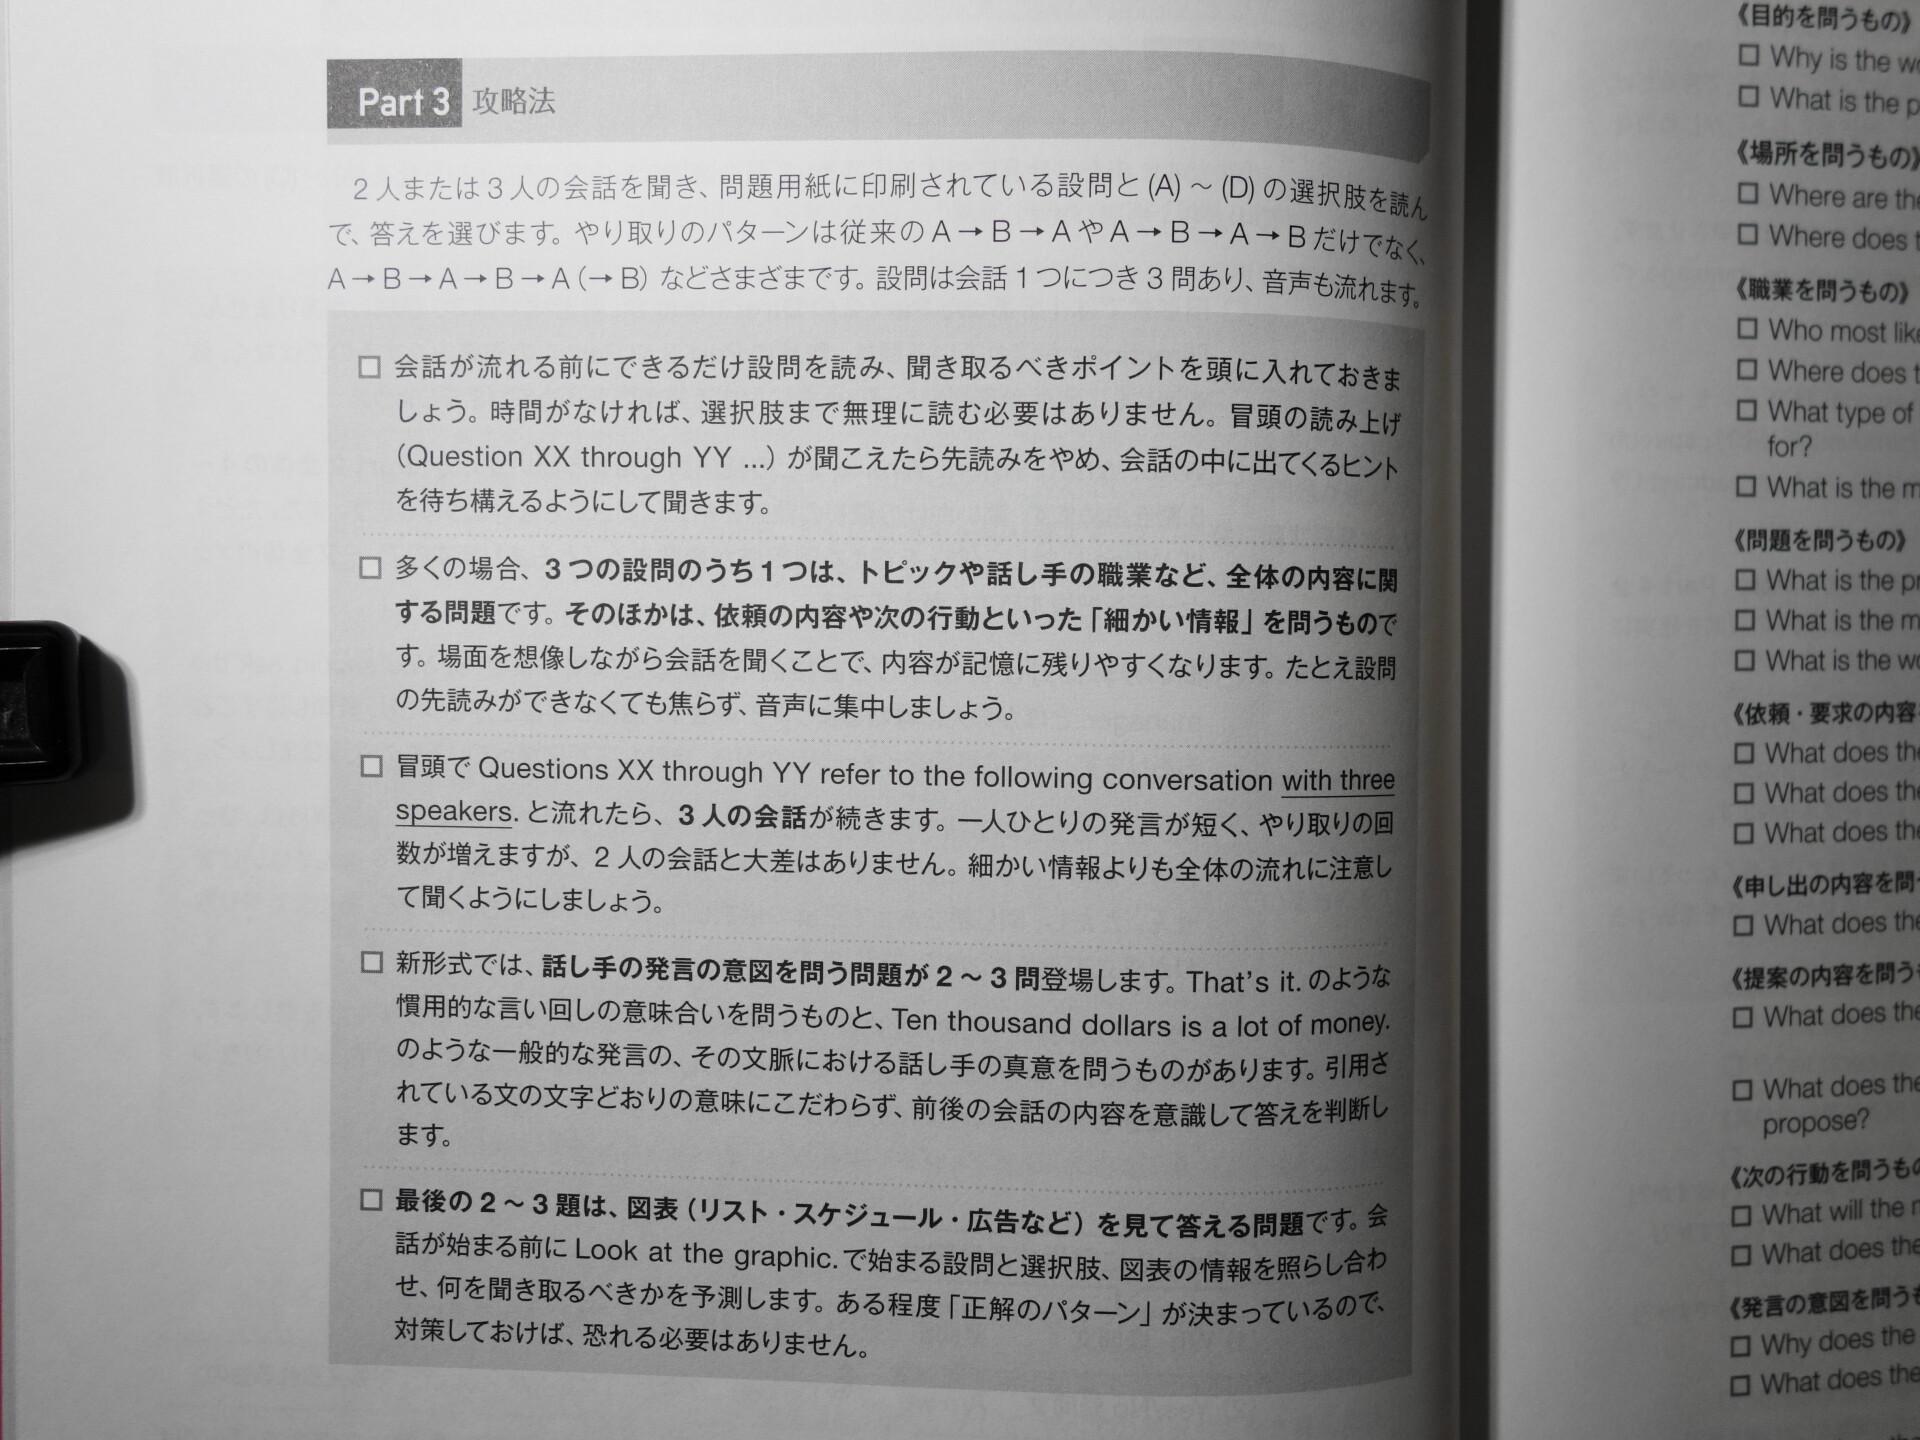 TOEICパート3の攻略法について書かれたページ